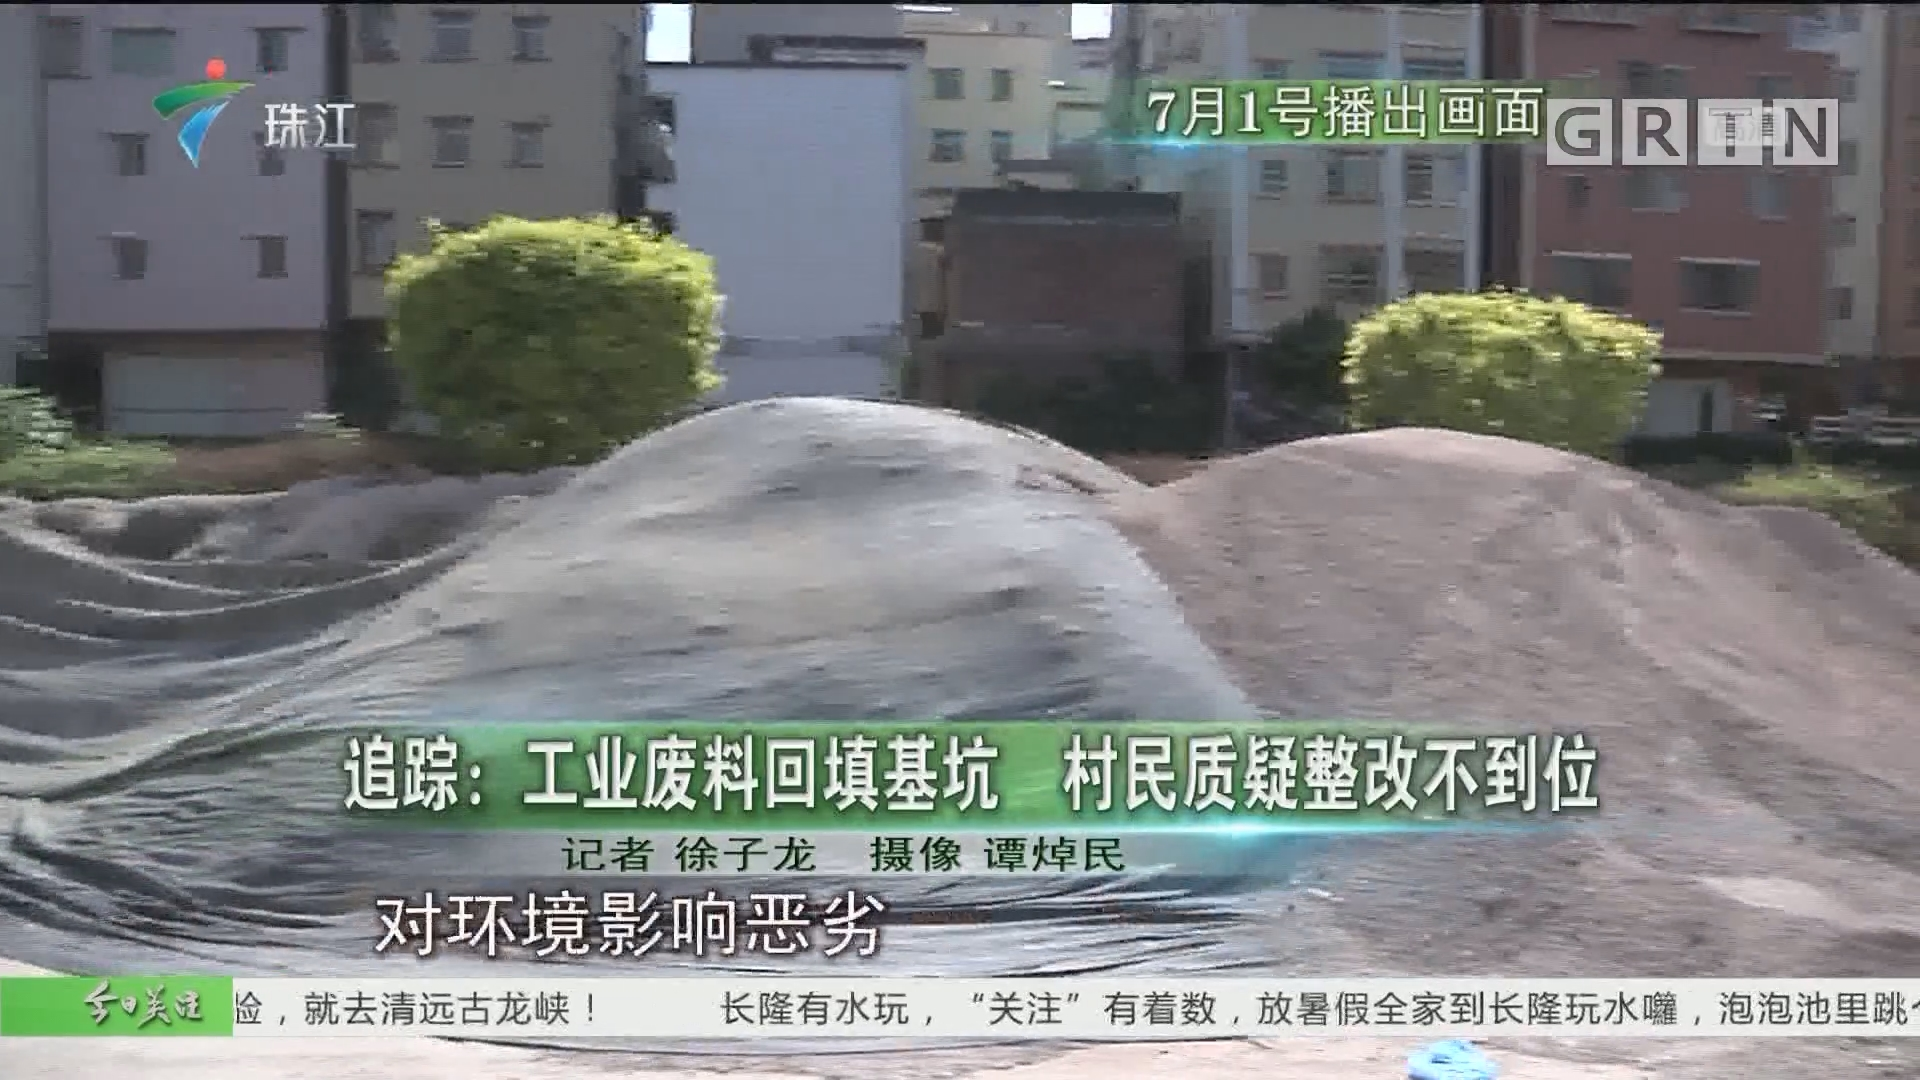 追踪:工业废料回填基坑 村民质疑整改不到位